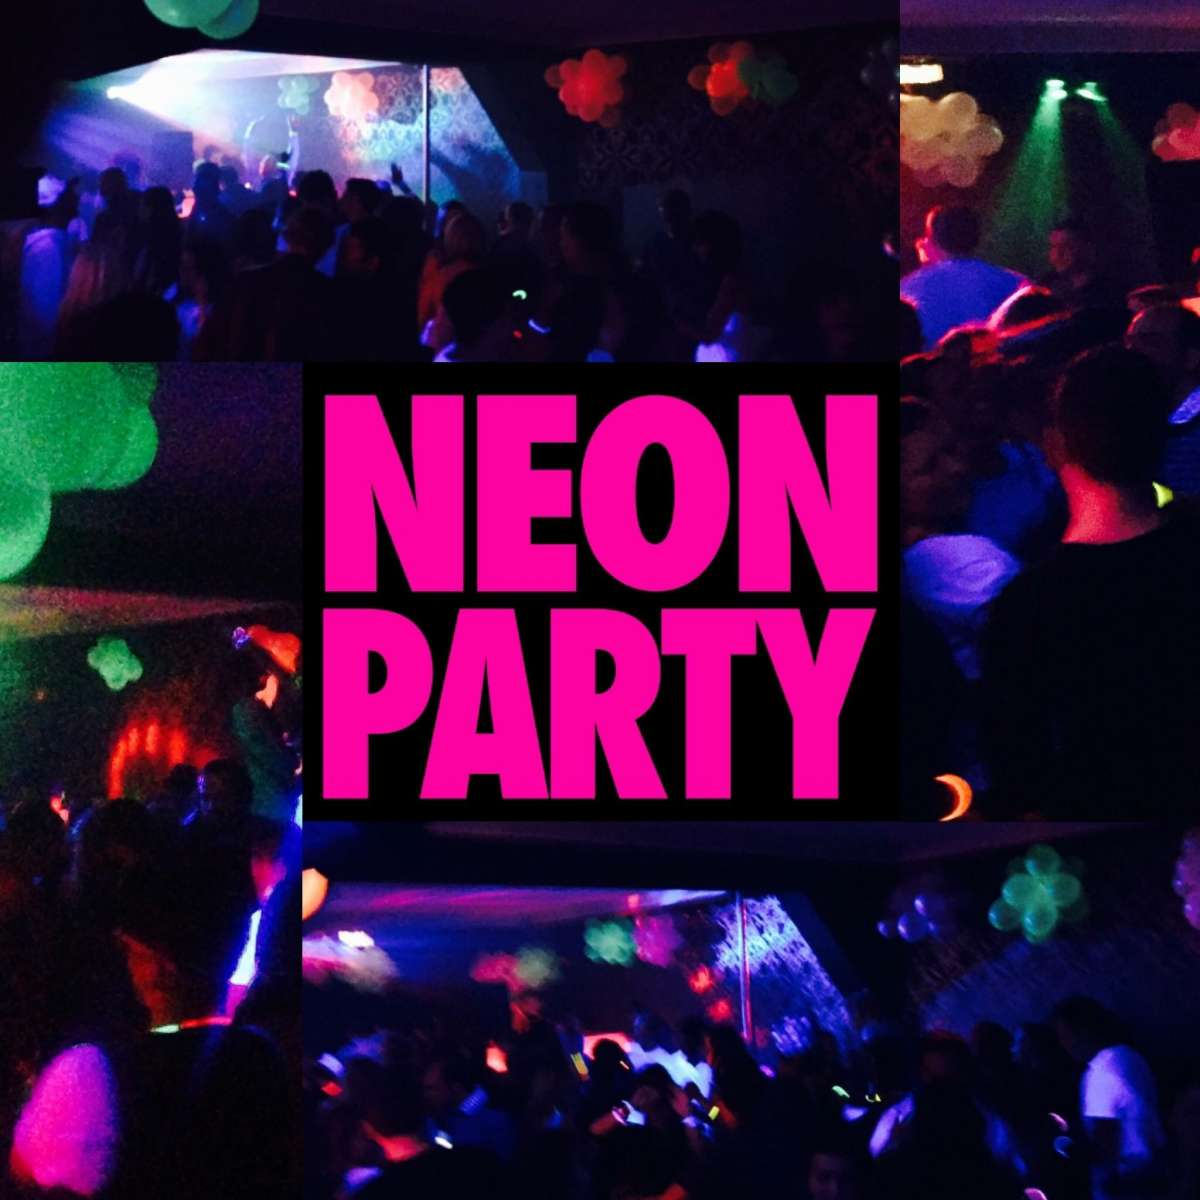 NEON Party - mr. stringer Vs DJ Calavera  - einsB & Freihafen  - Göttingen